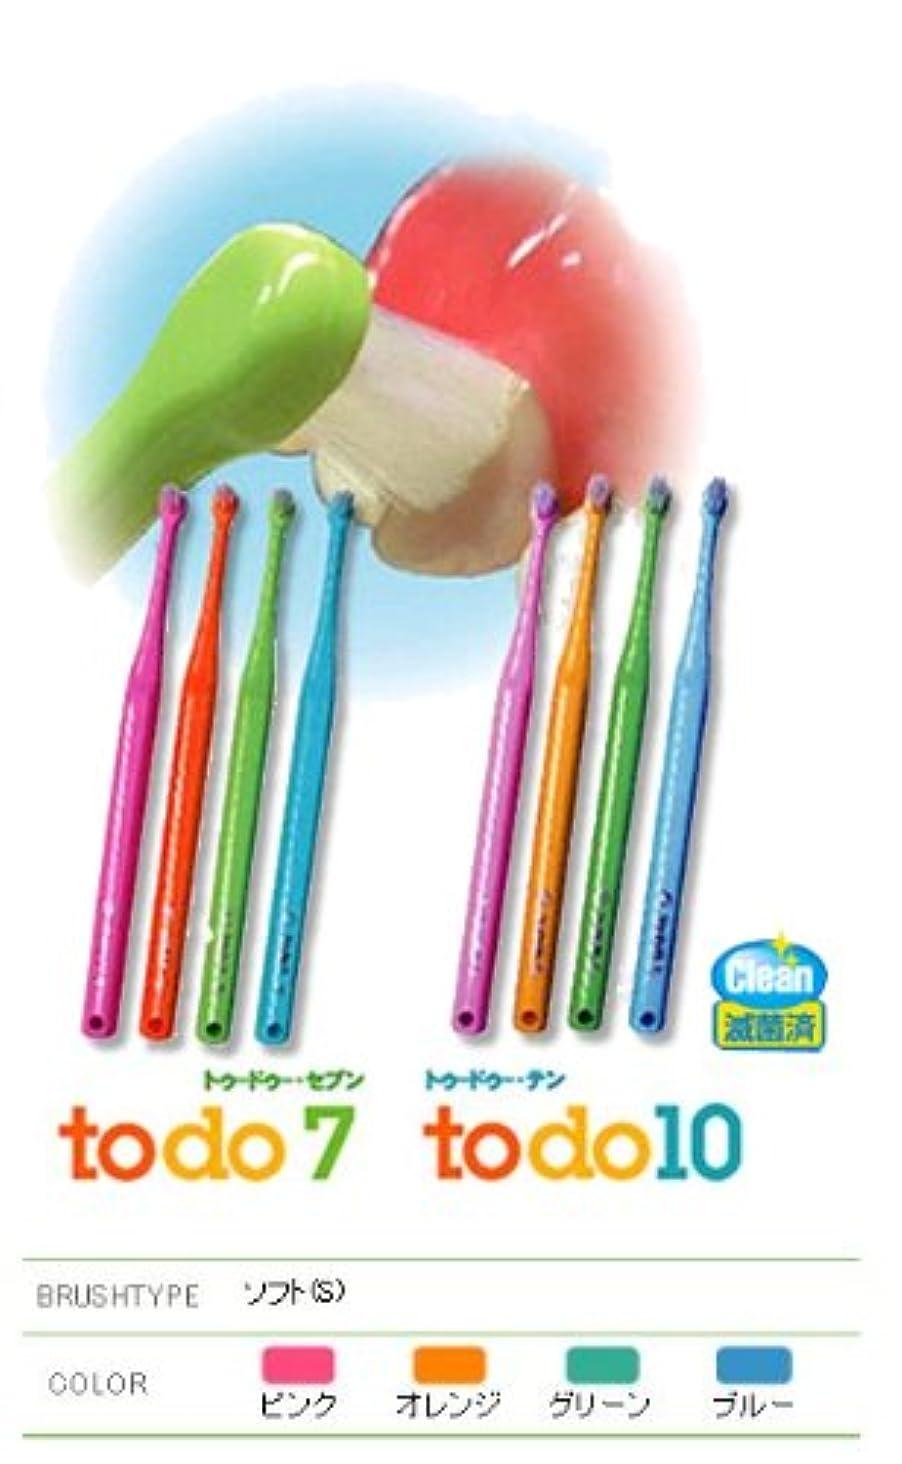 必需品バケットケント【オーラルケア】【歯科用】todo7 1箱(24本)【歯ブラシ】【滅菌済】4色(アソート)トゥードゥー?セブン